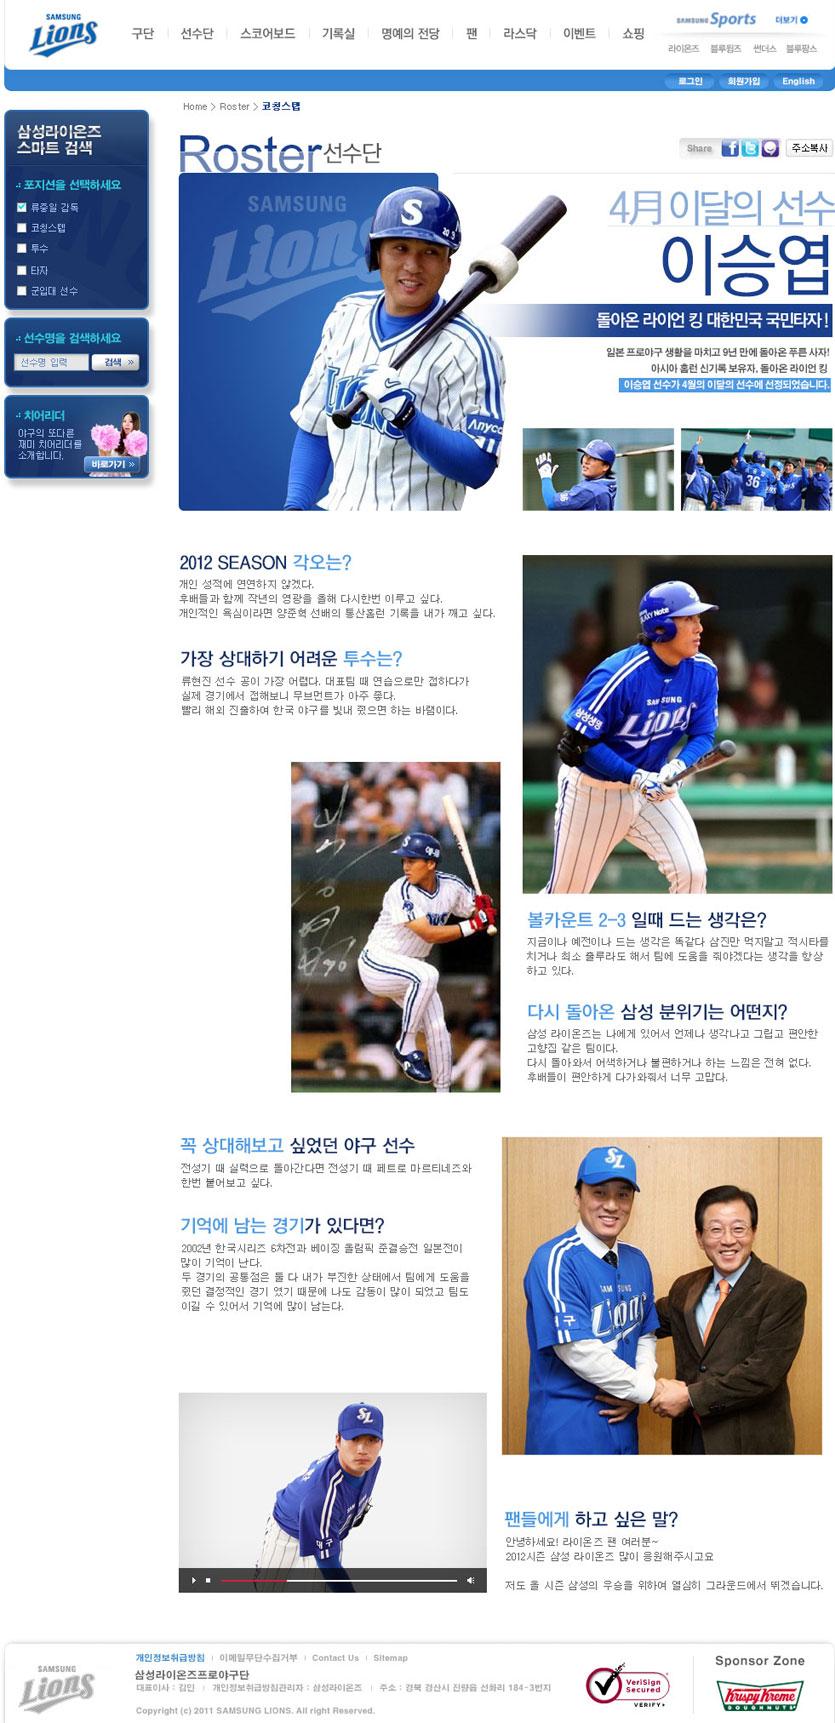 삼성라이온즈 홈페이지 2013 리뉴얼 웹어이전시 웹어스 WEBUS